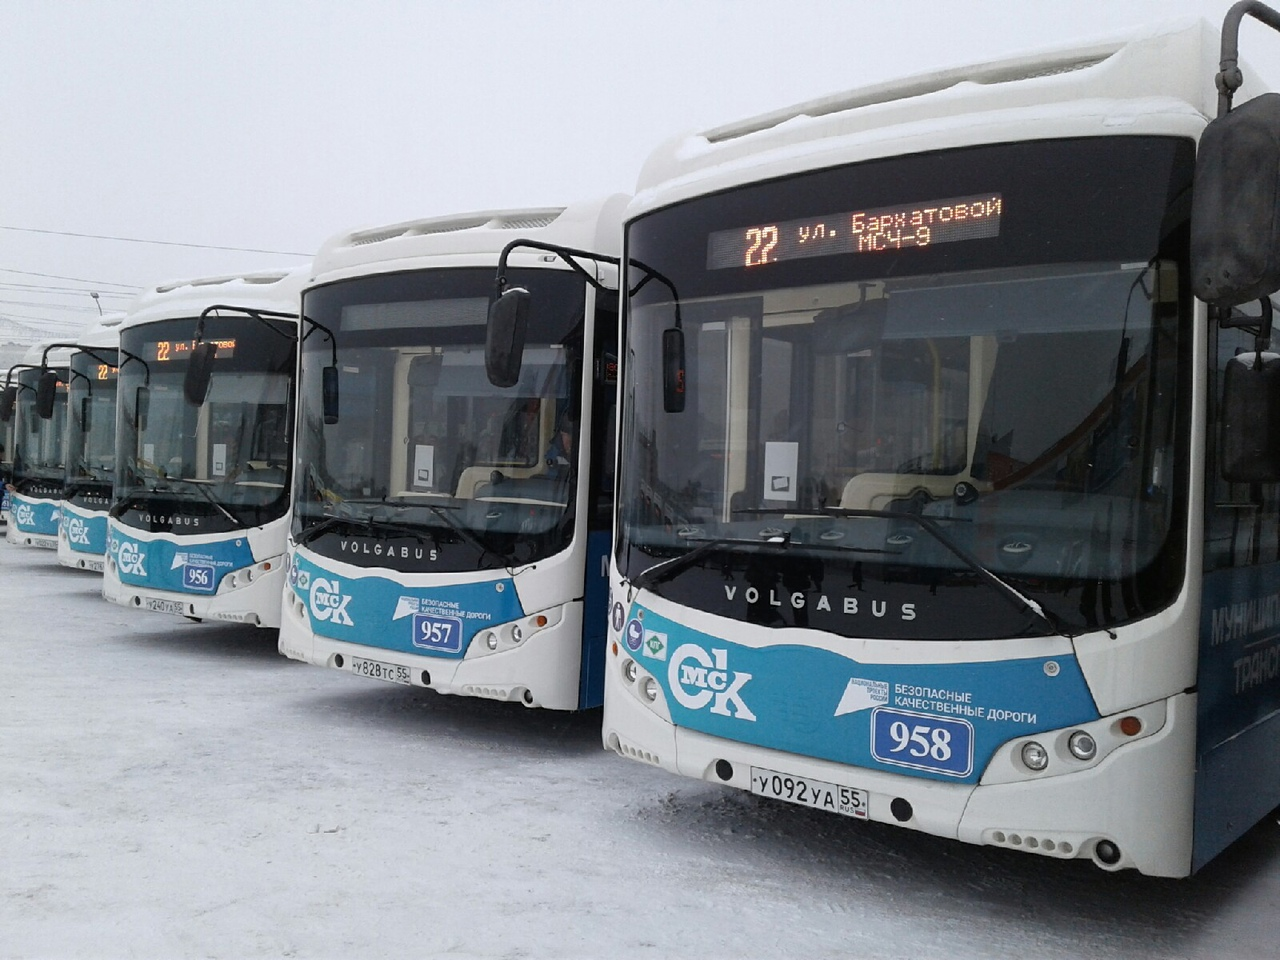 Омск закупит еще почти 50 «газовых» автобусов #Омск #Общество #Сегодня